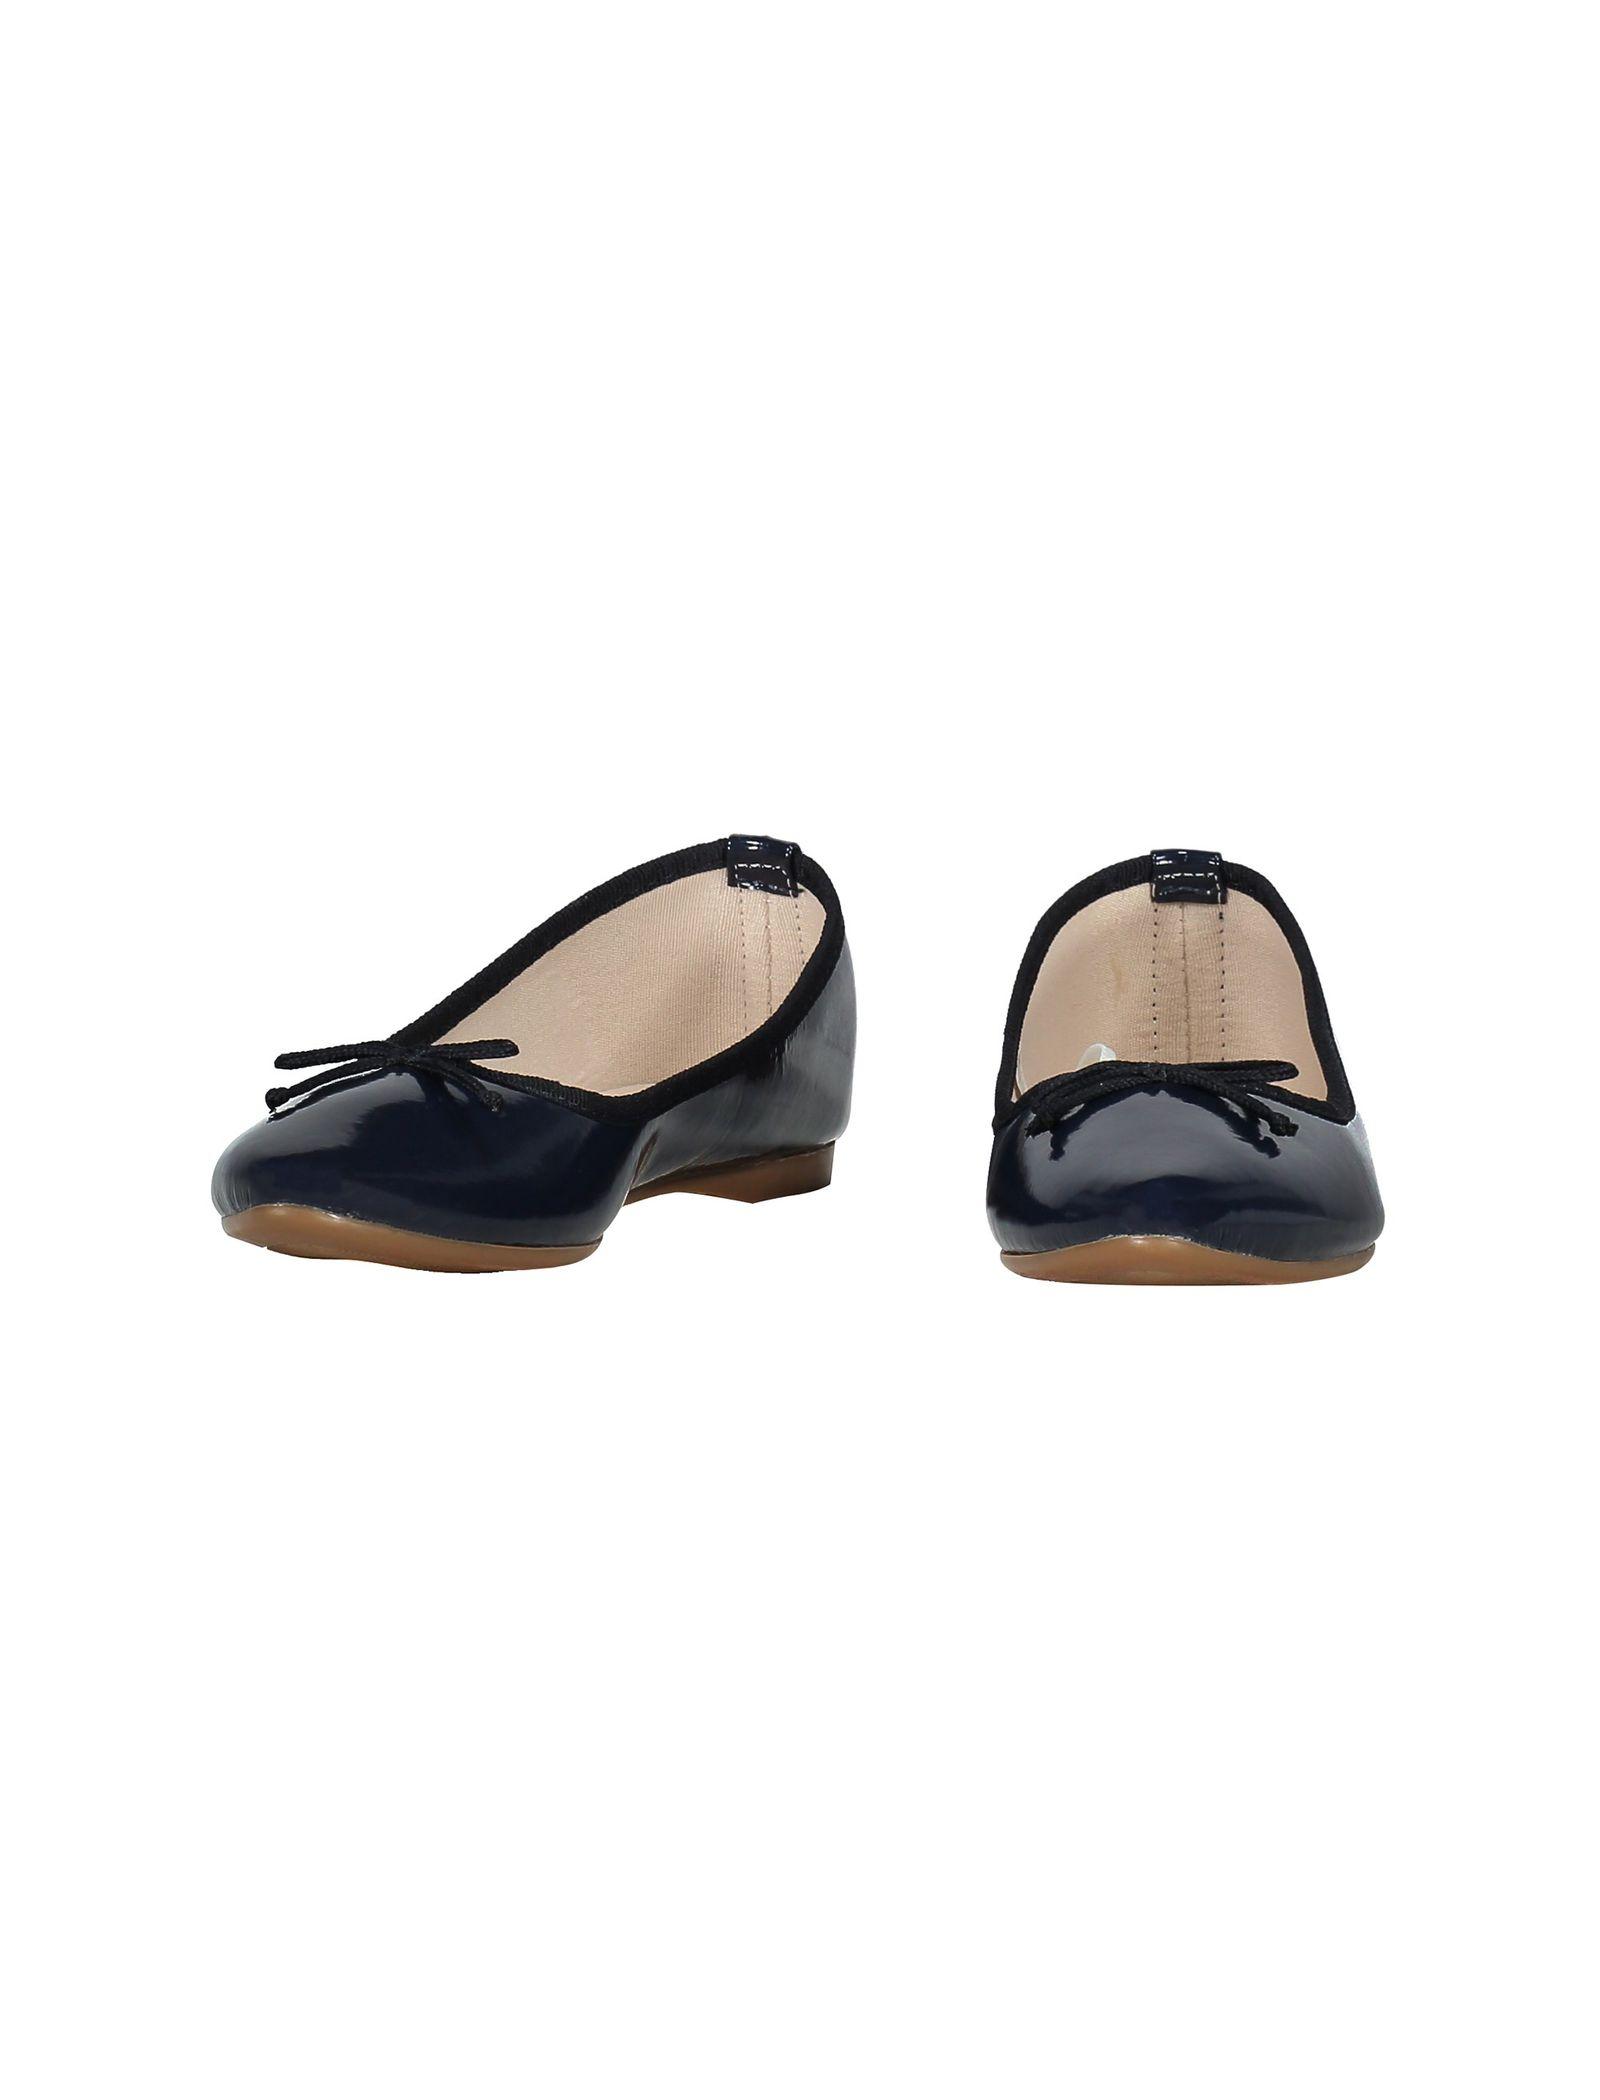 کفش تخت عروسکی زنانه - ال سی وایکیکی - سرمه اي - 4